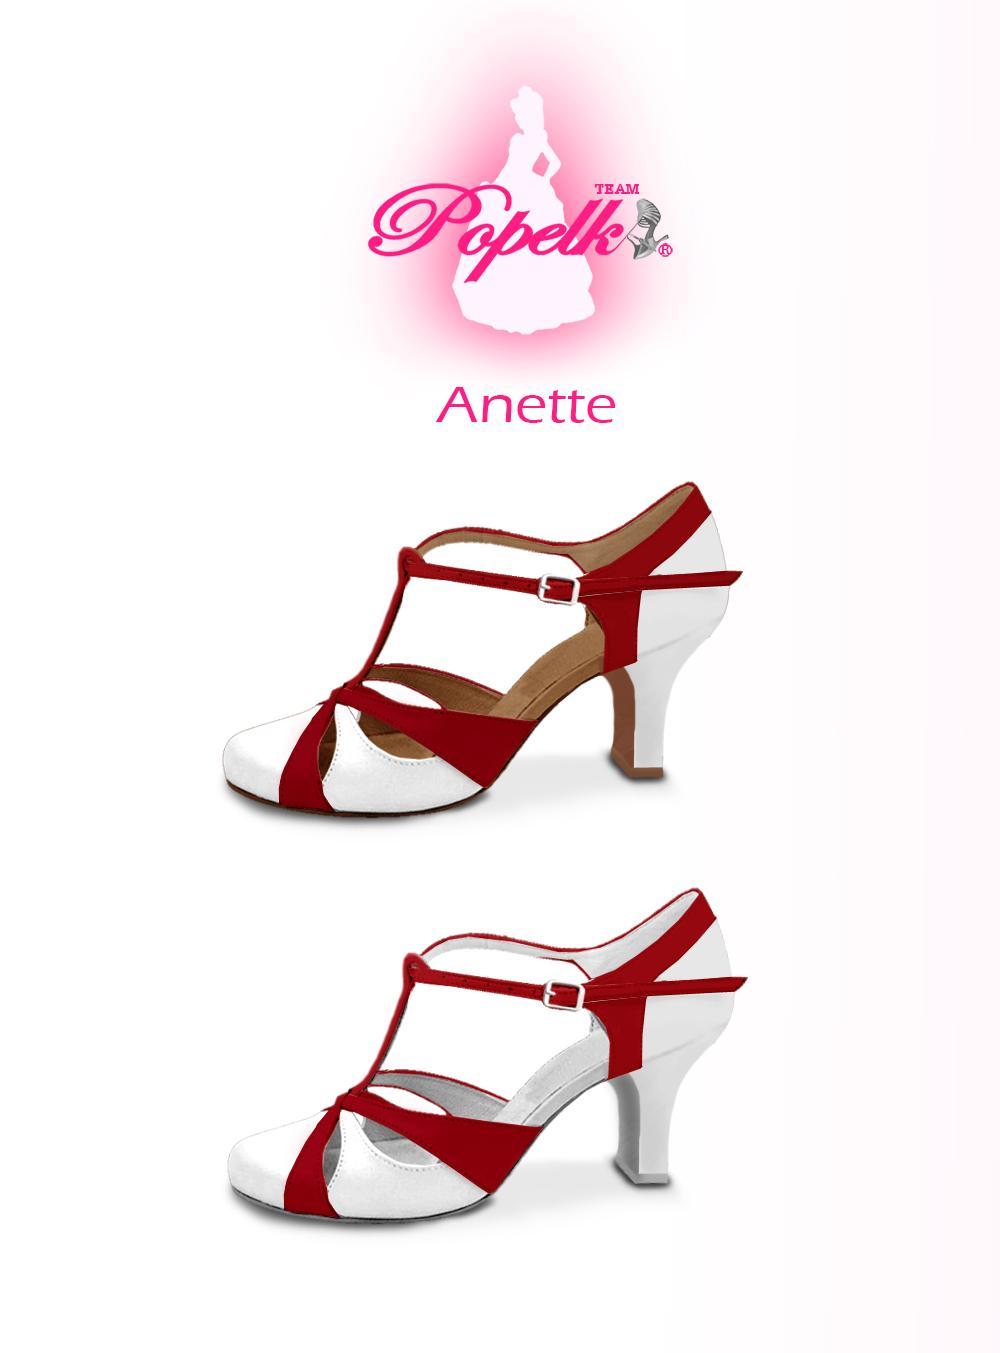 Svadobné topánky s úpravou na želanie - inšpirácie bordó, hnědá, čokoládová - Obrázok č. 47